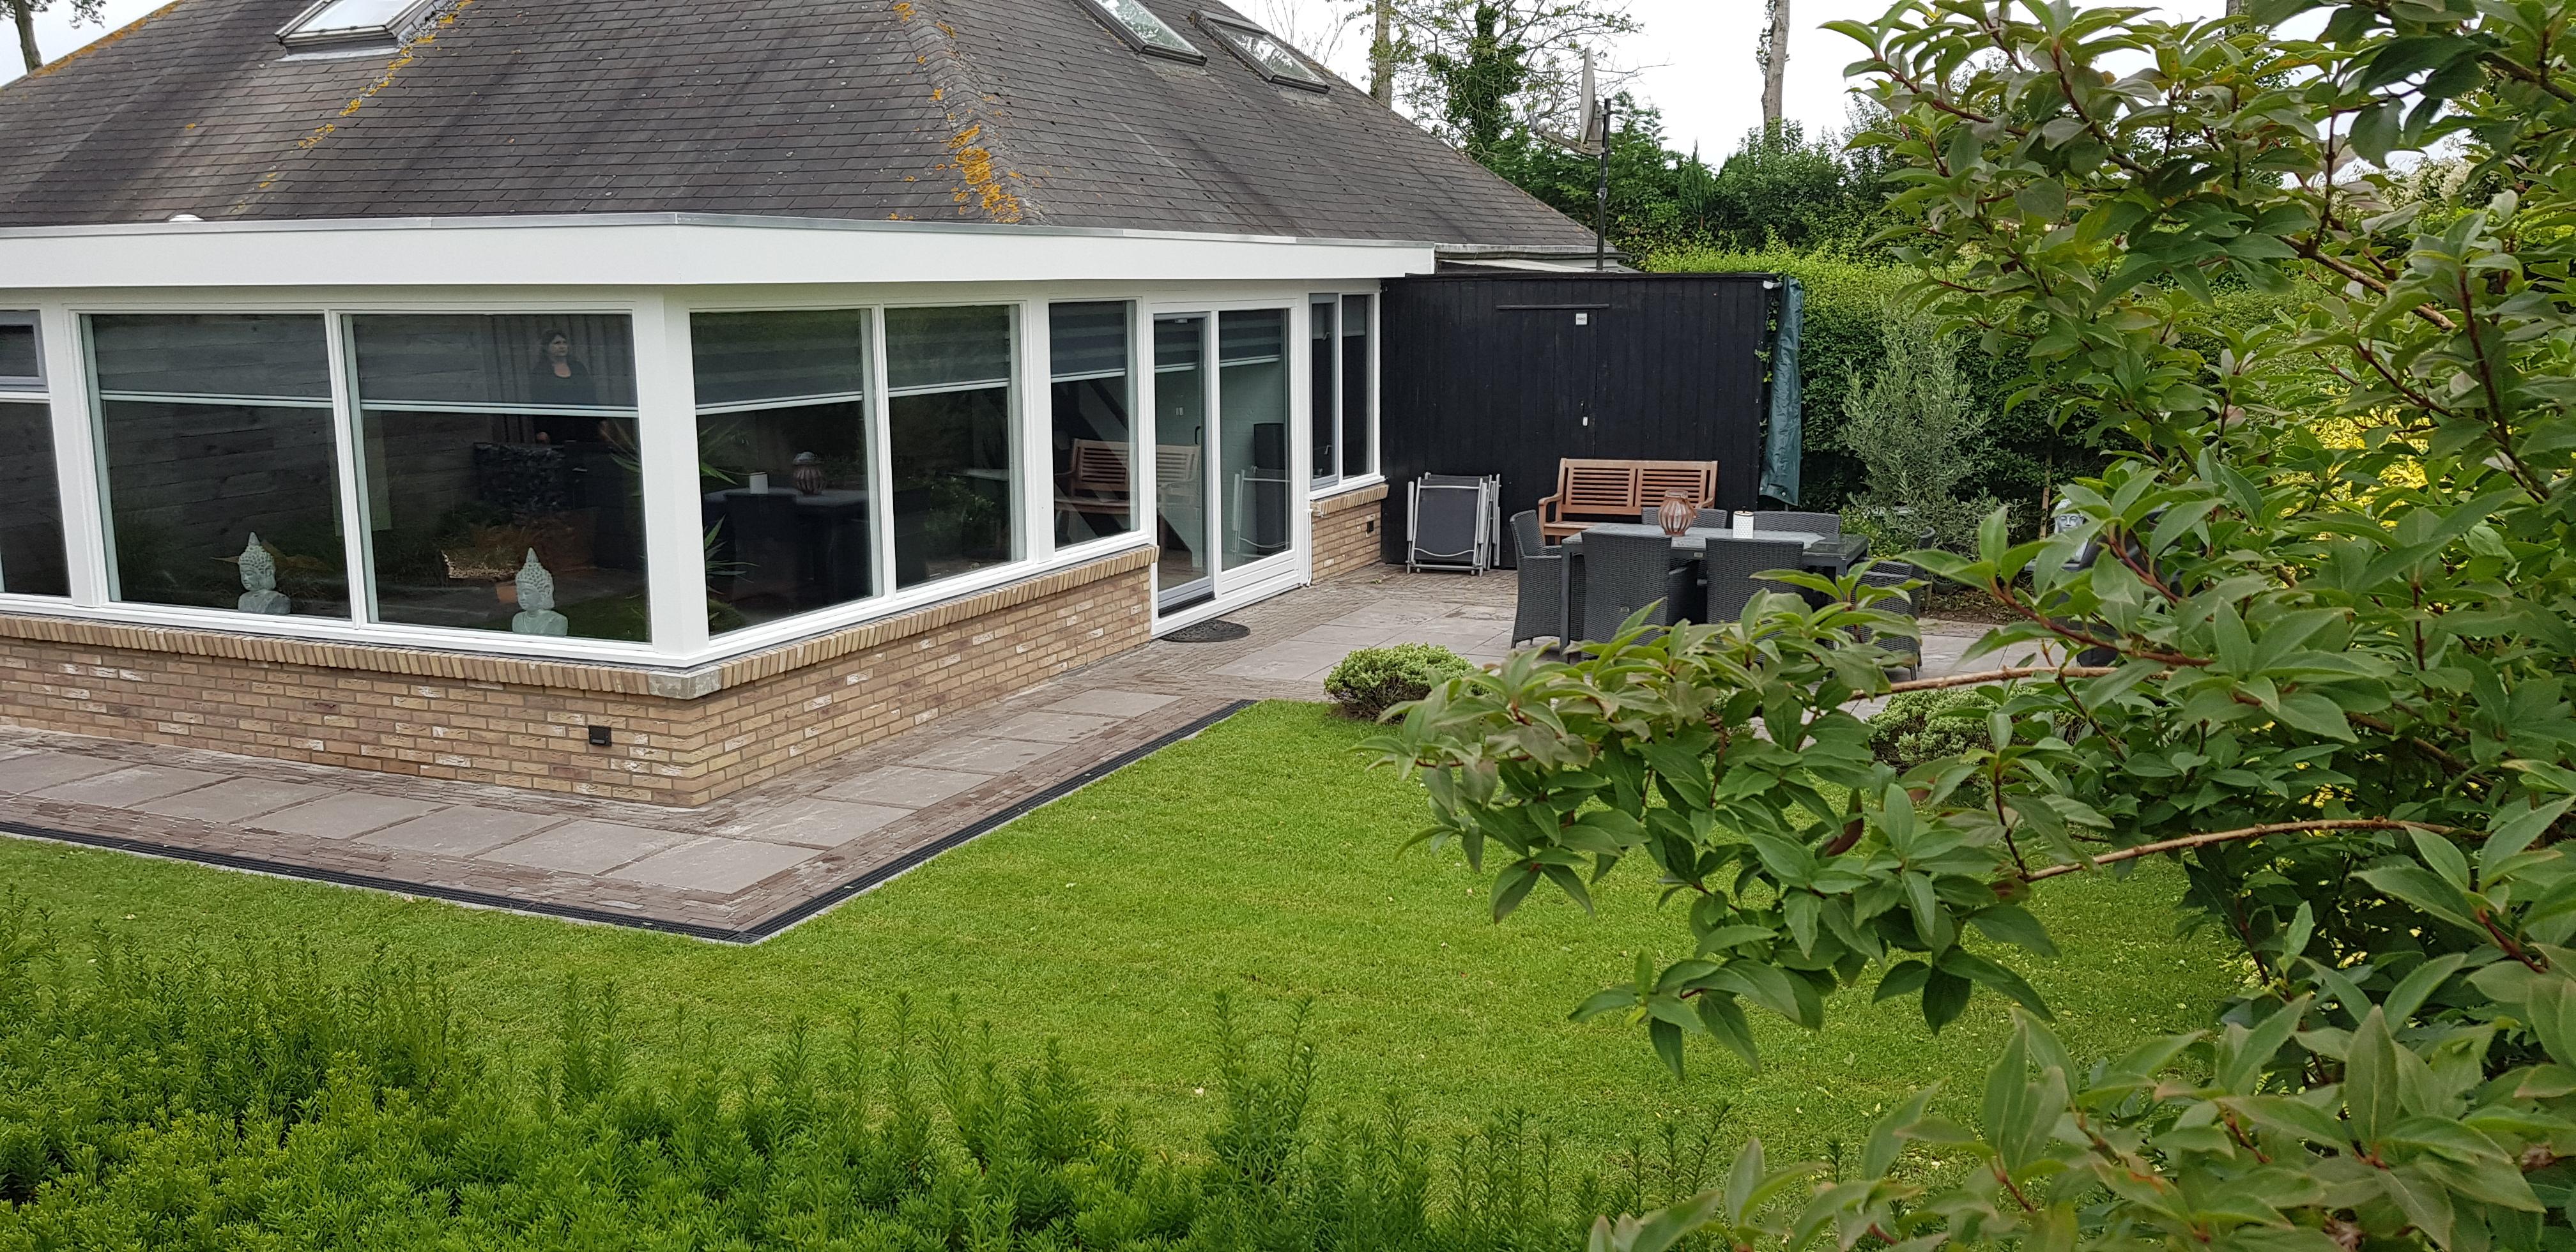 Ferienhaus für 6 Personen ca 90 m² in Stavenisse Zeeland Küste von Zeeland